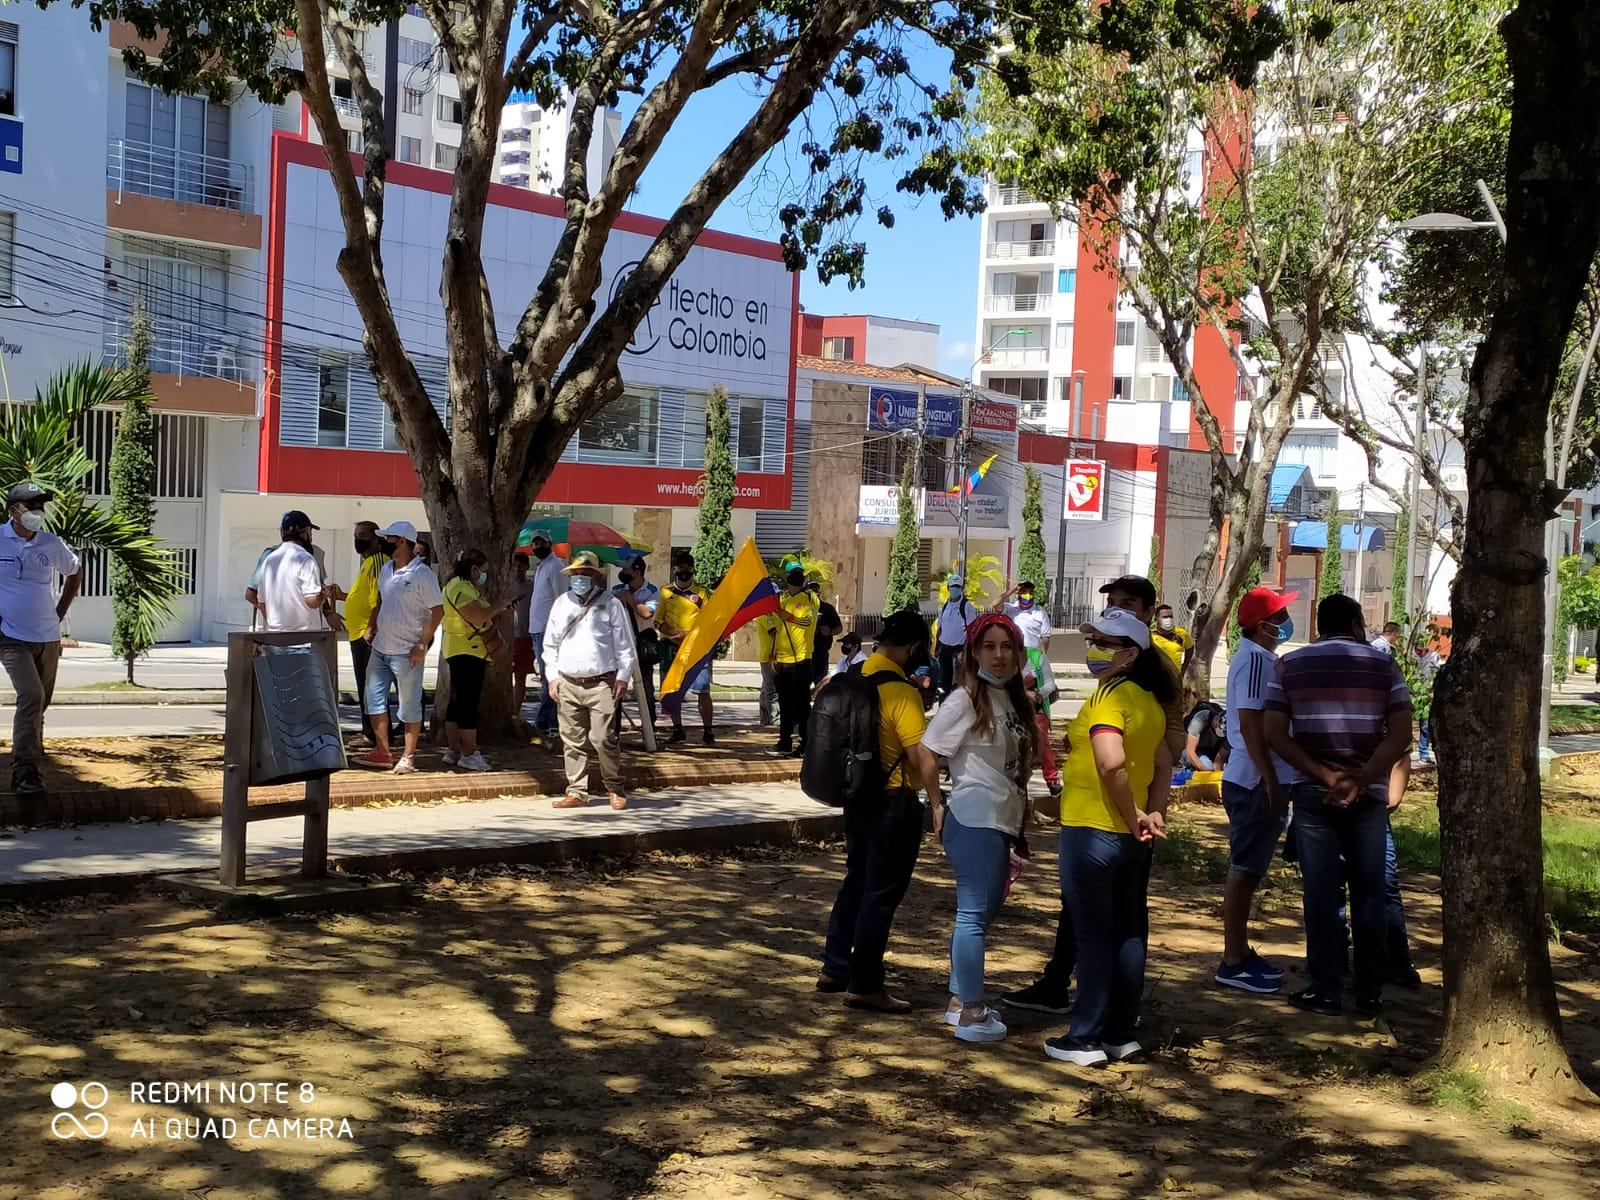 Manifestaciones del 20 de julio en Bucaramanga.